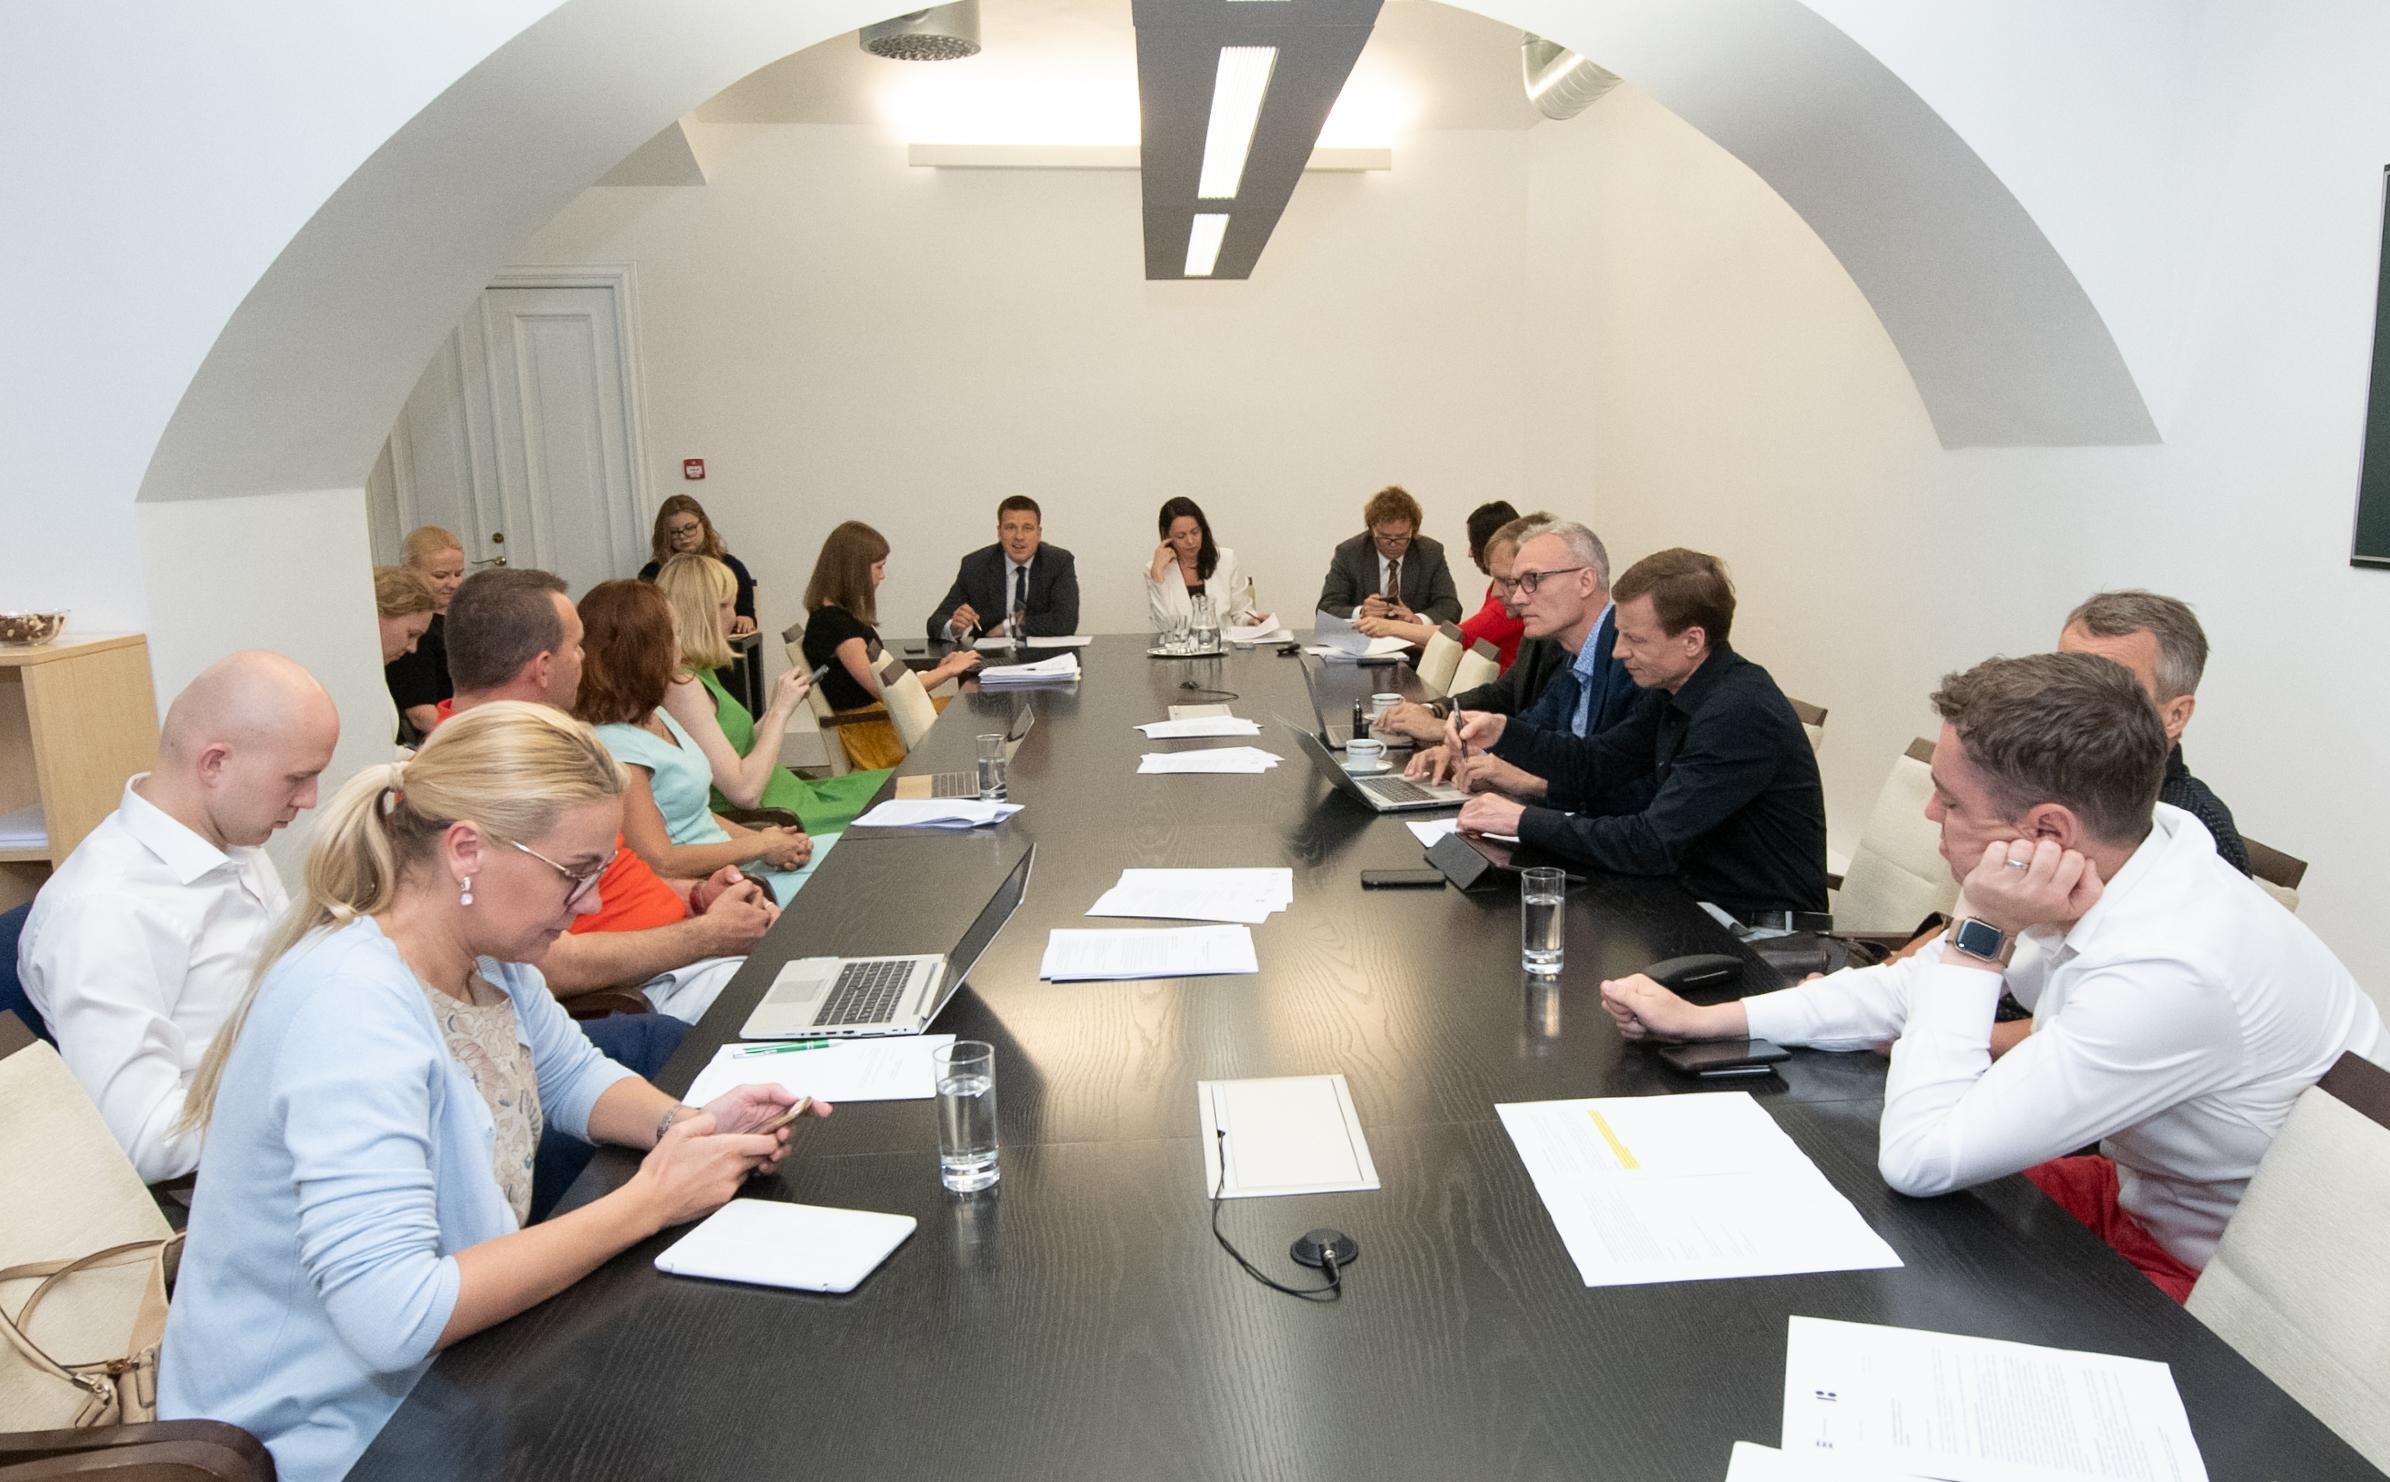 ELAK ootab rahandusministri selgitusi Riigikogu mandaadiga vastuollu mineku kohta